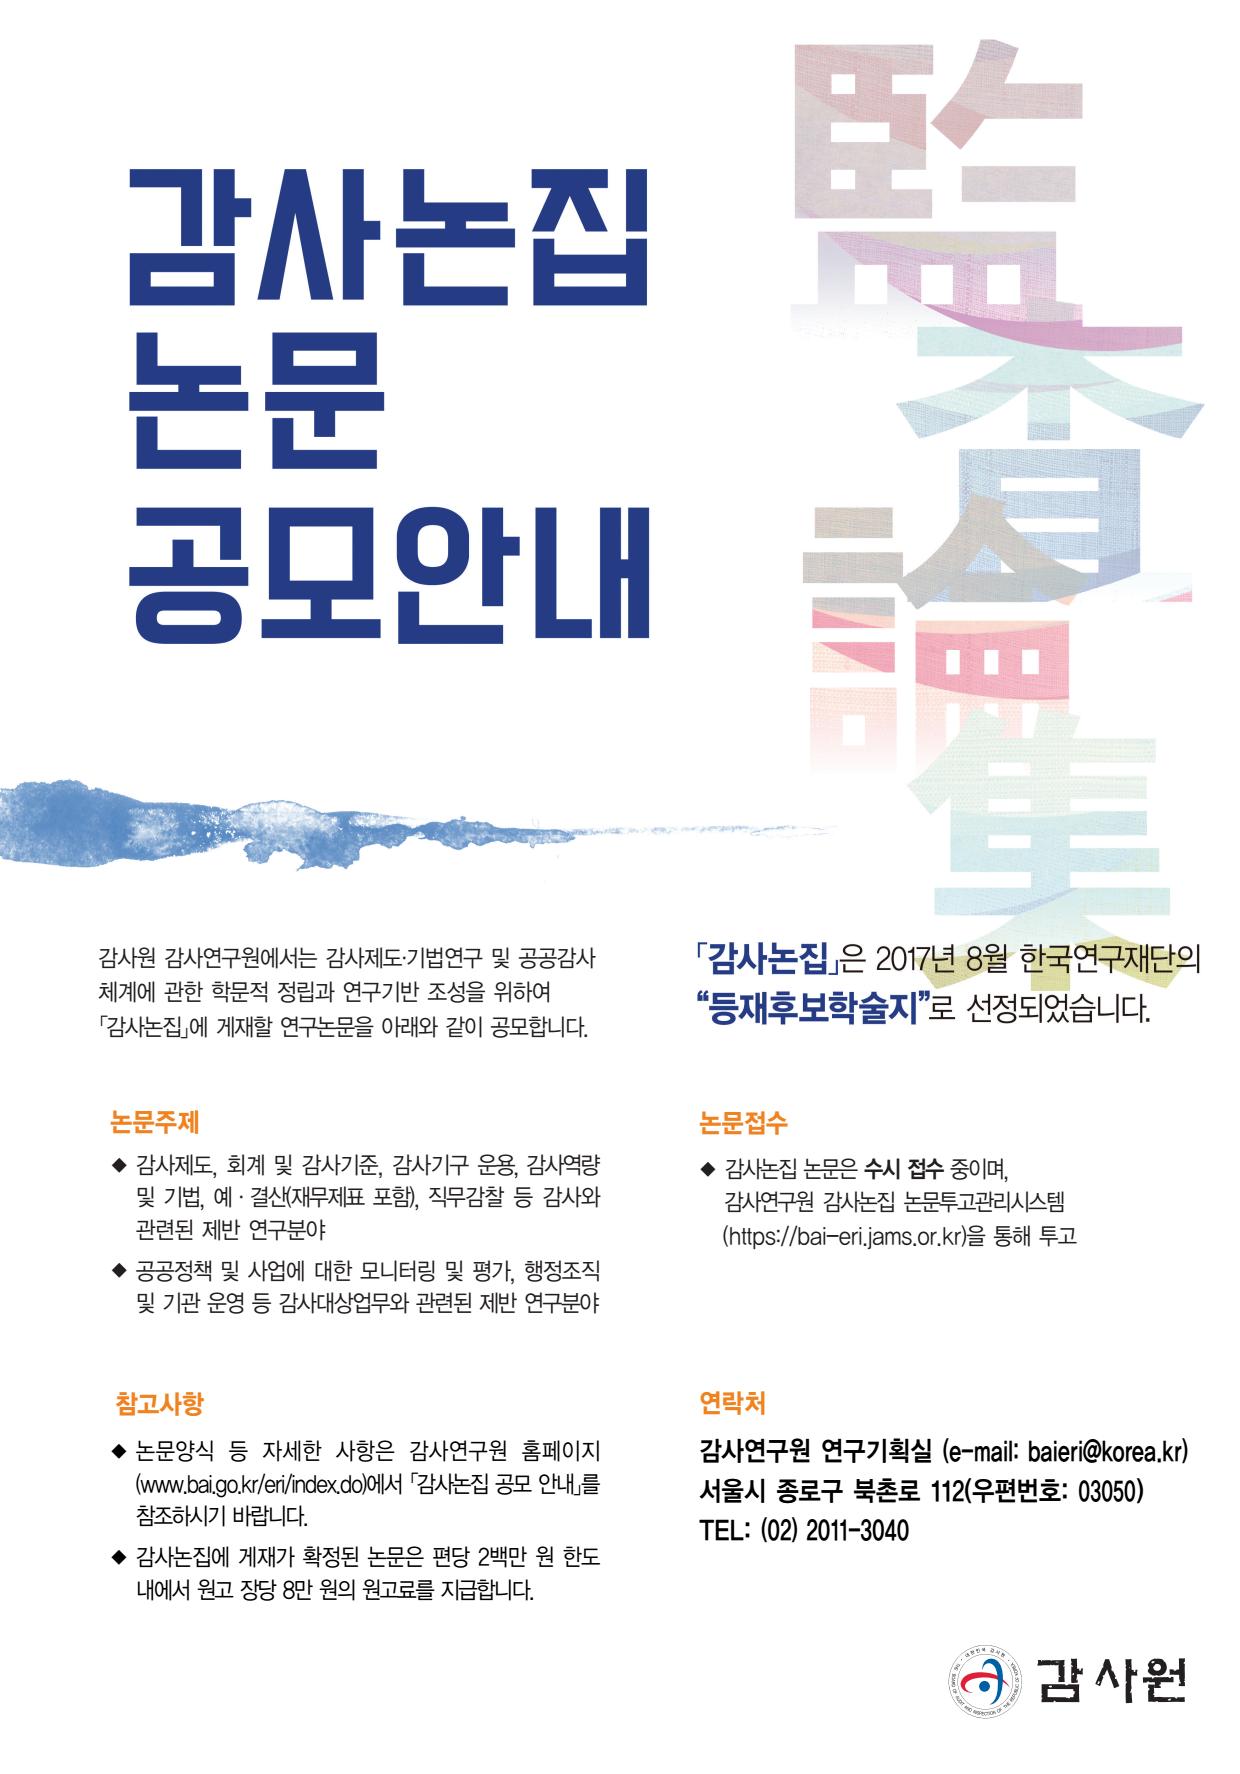 감사논집 모집공고문 (권장버전).png